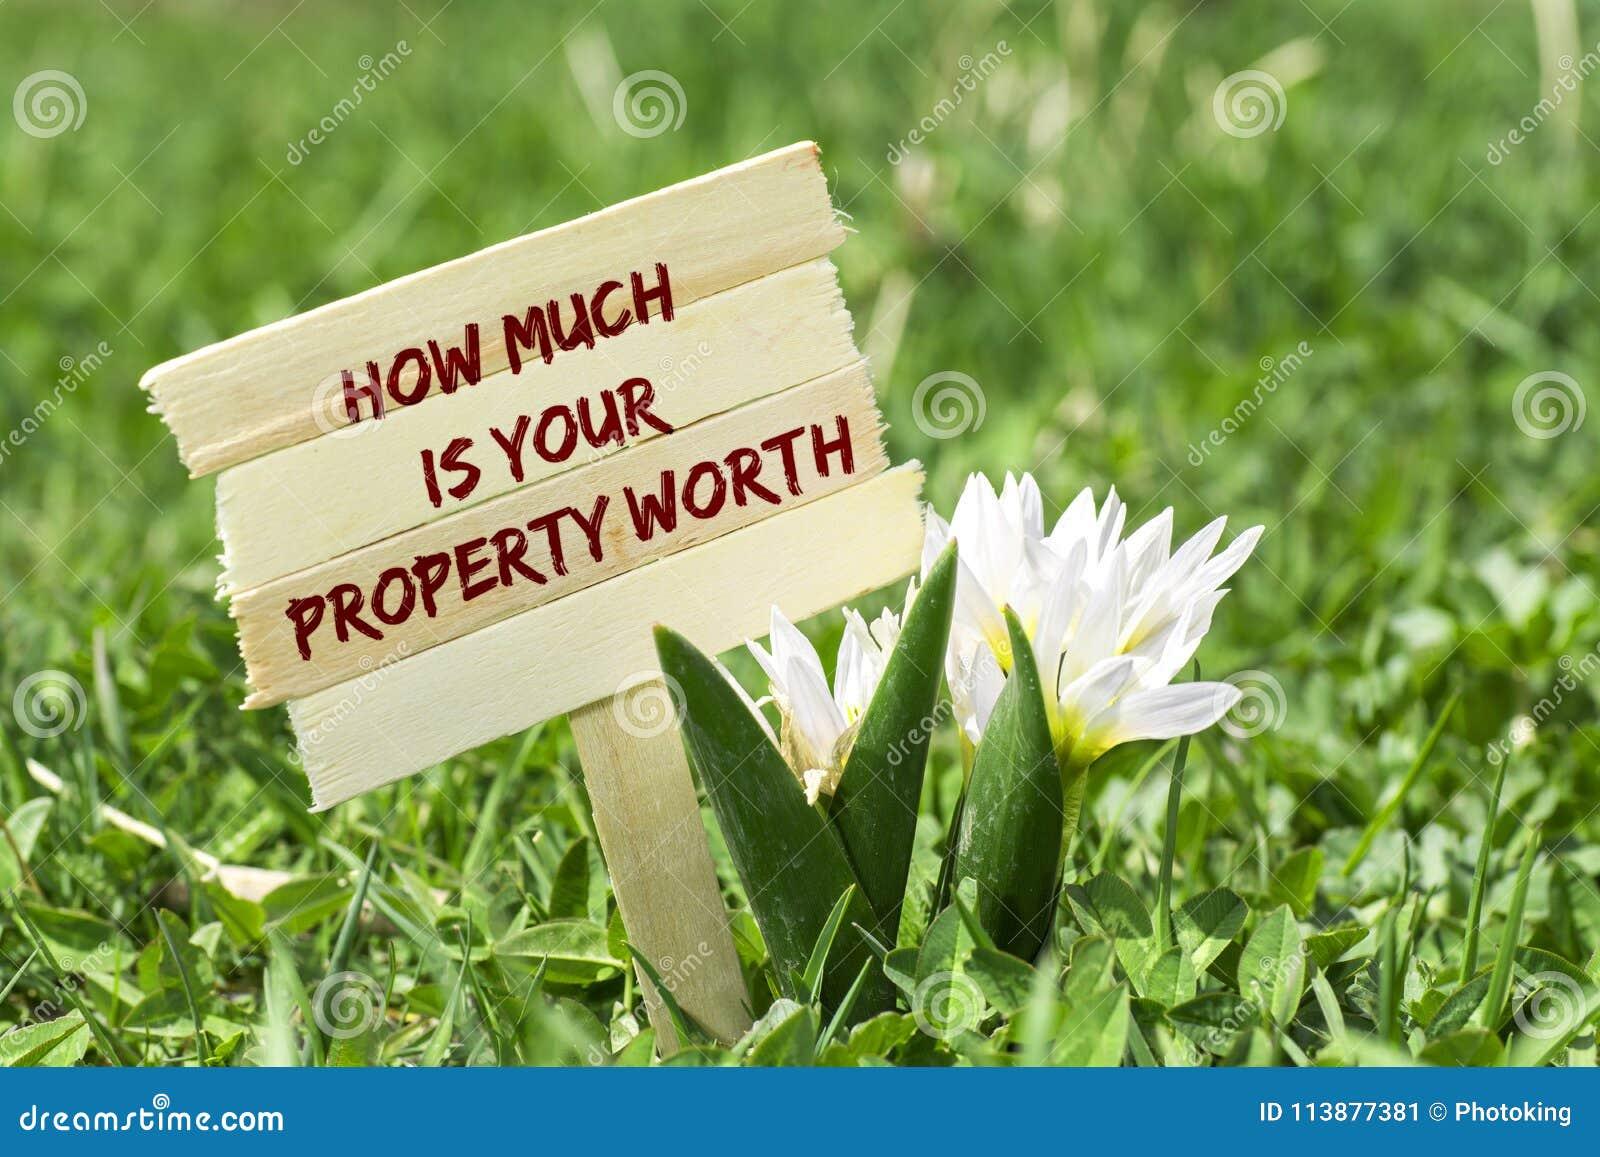 Wie viel Ihr Eigentumswert ist